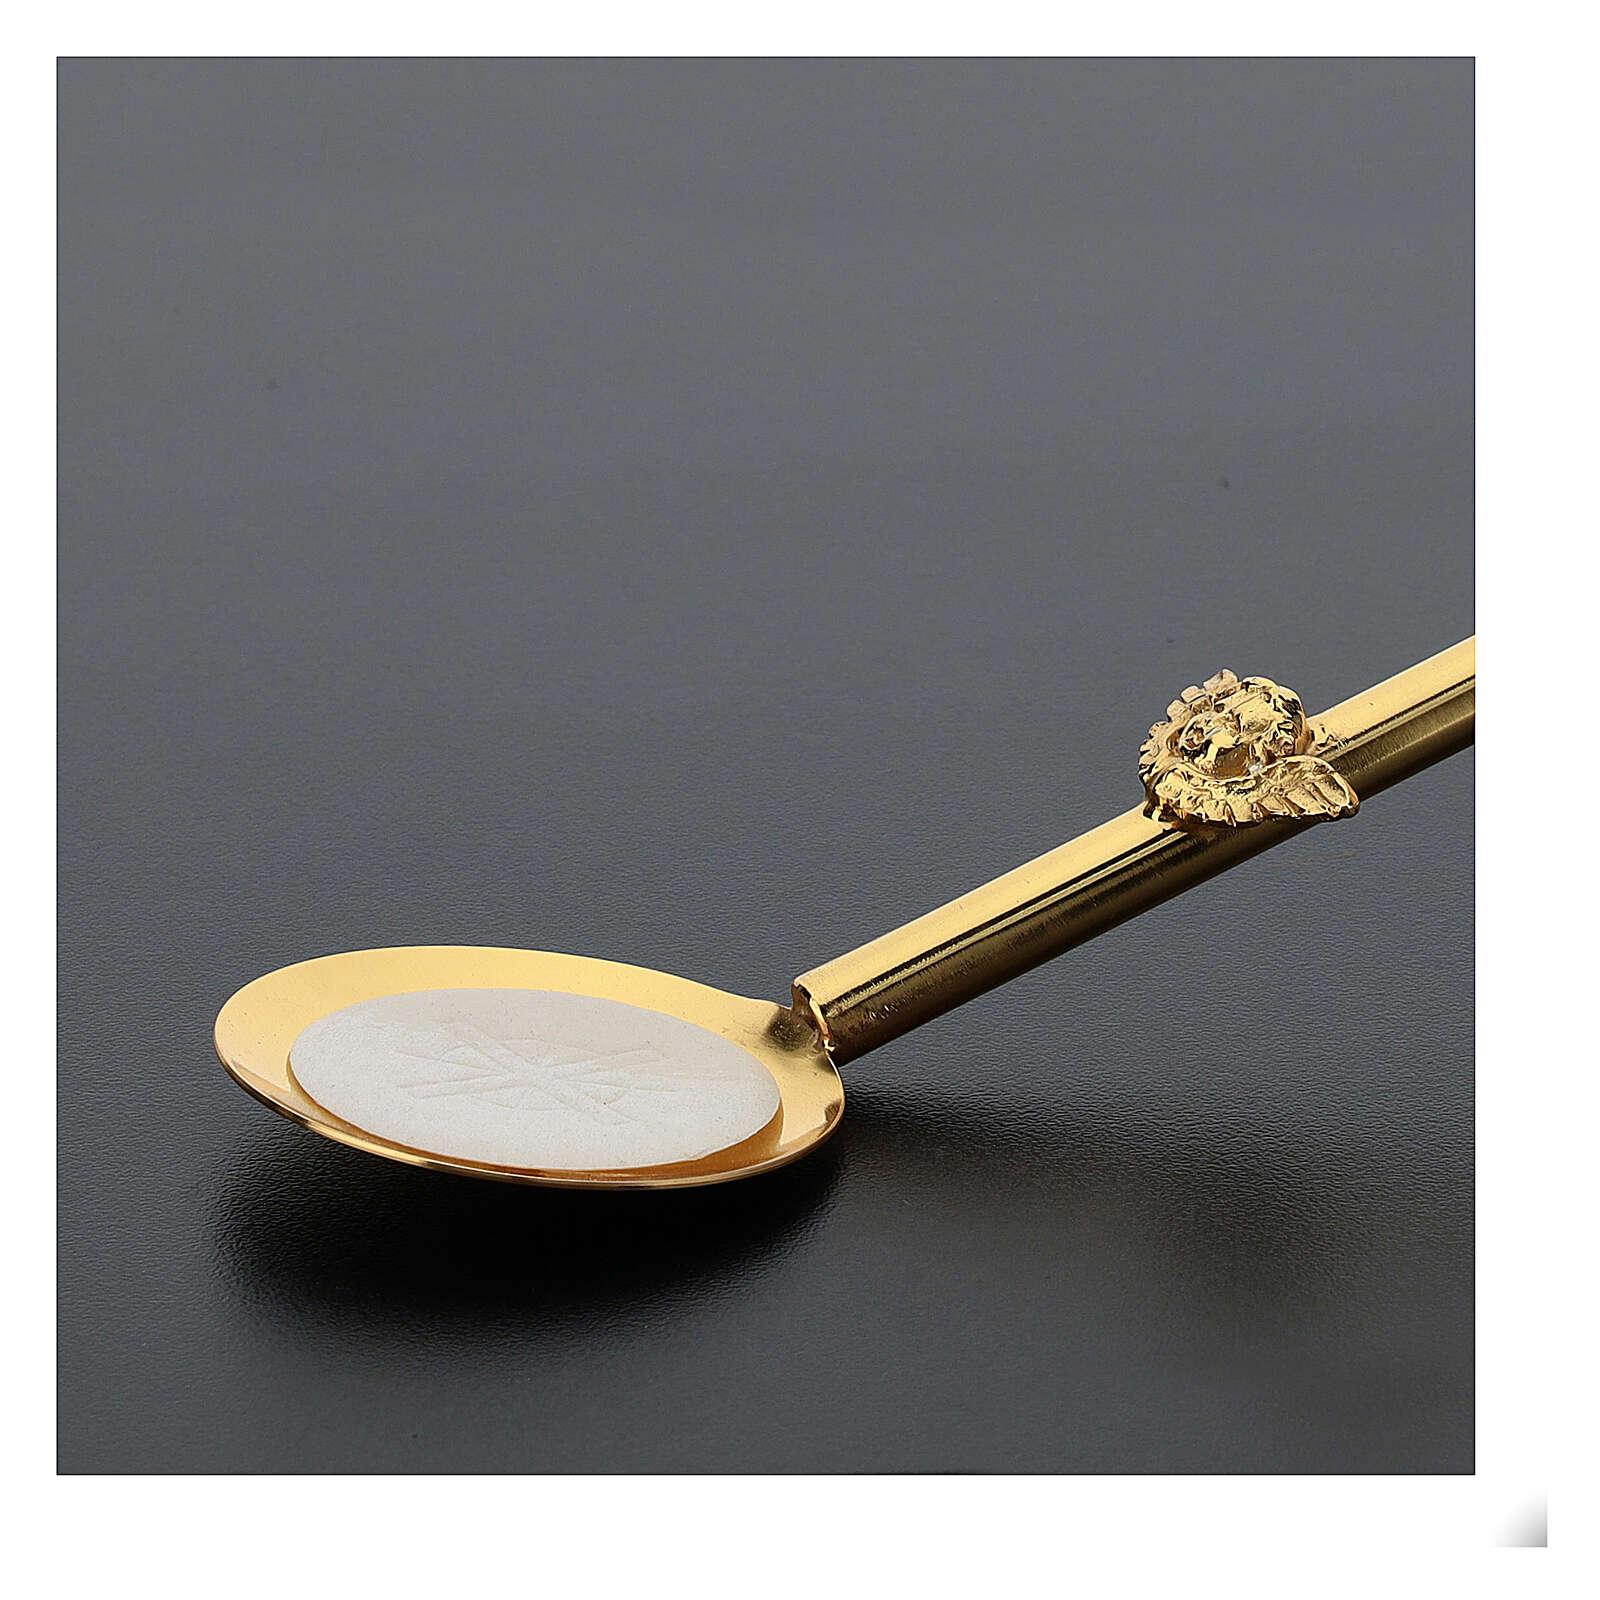 Perche avec petite assiette pour Eucharistie 45 cm 3